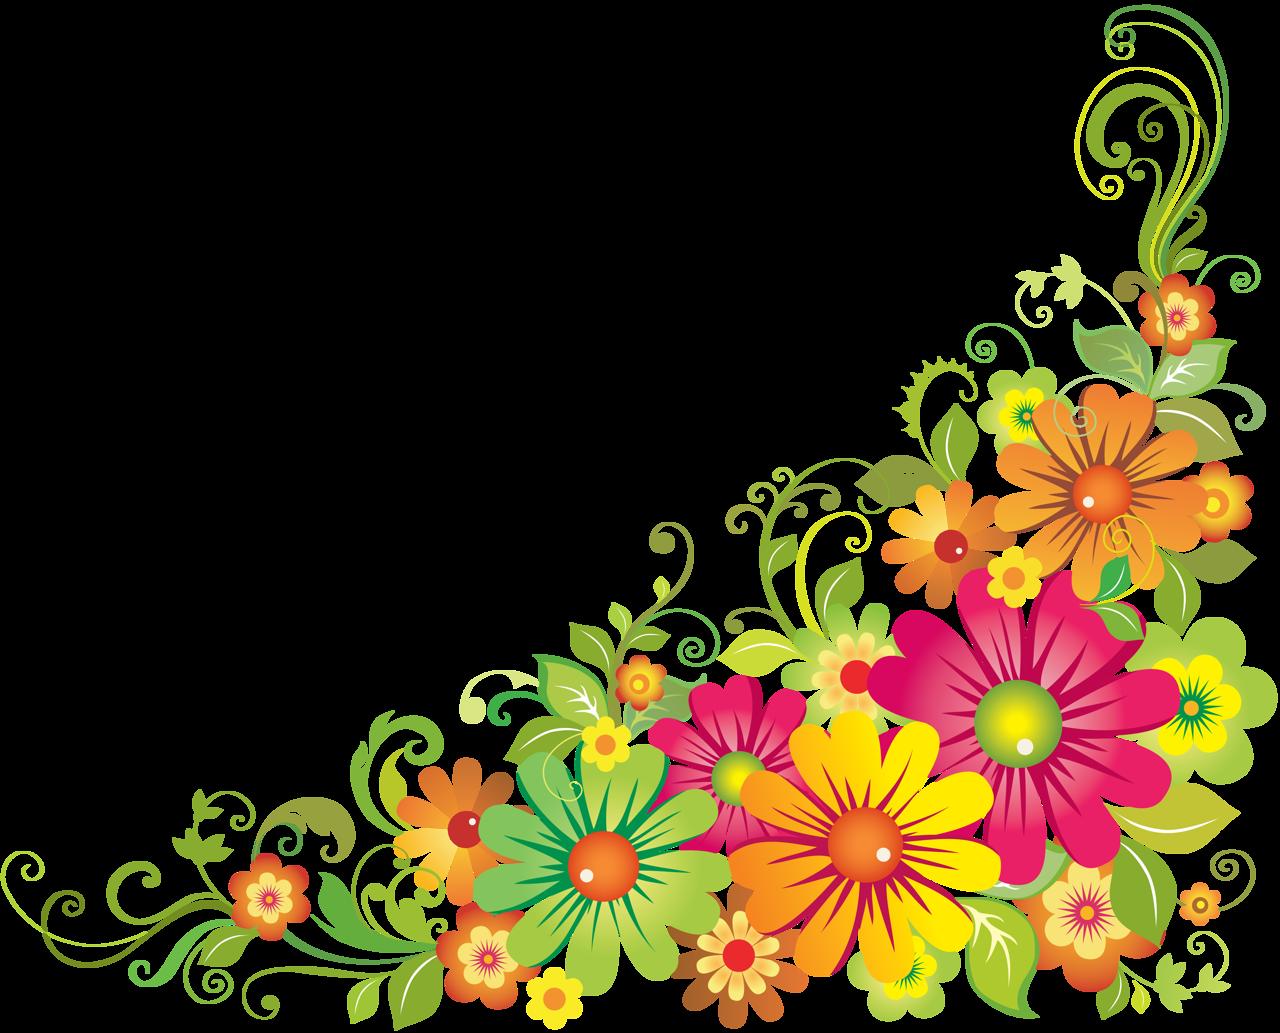 f e orig. Daisies clipart corner border flower